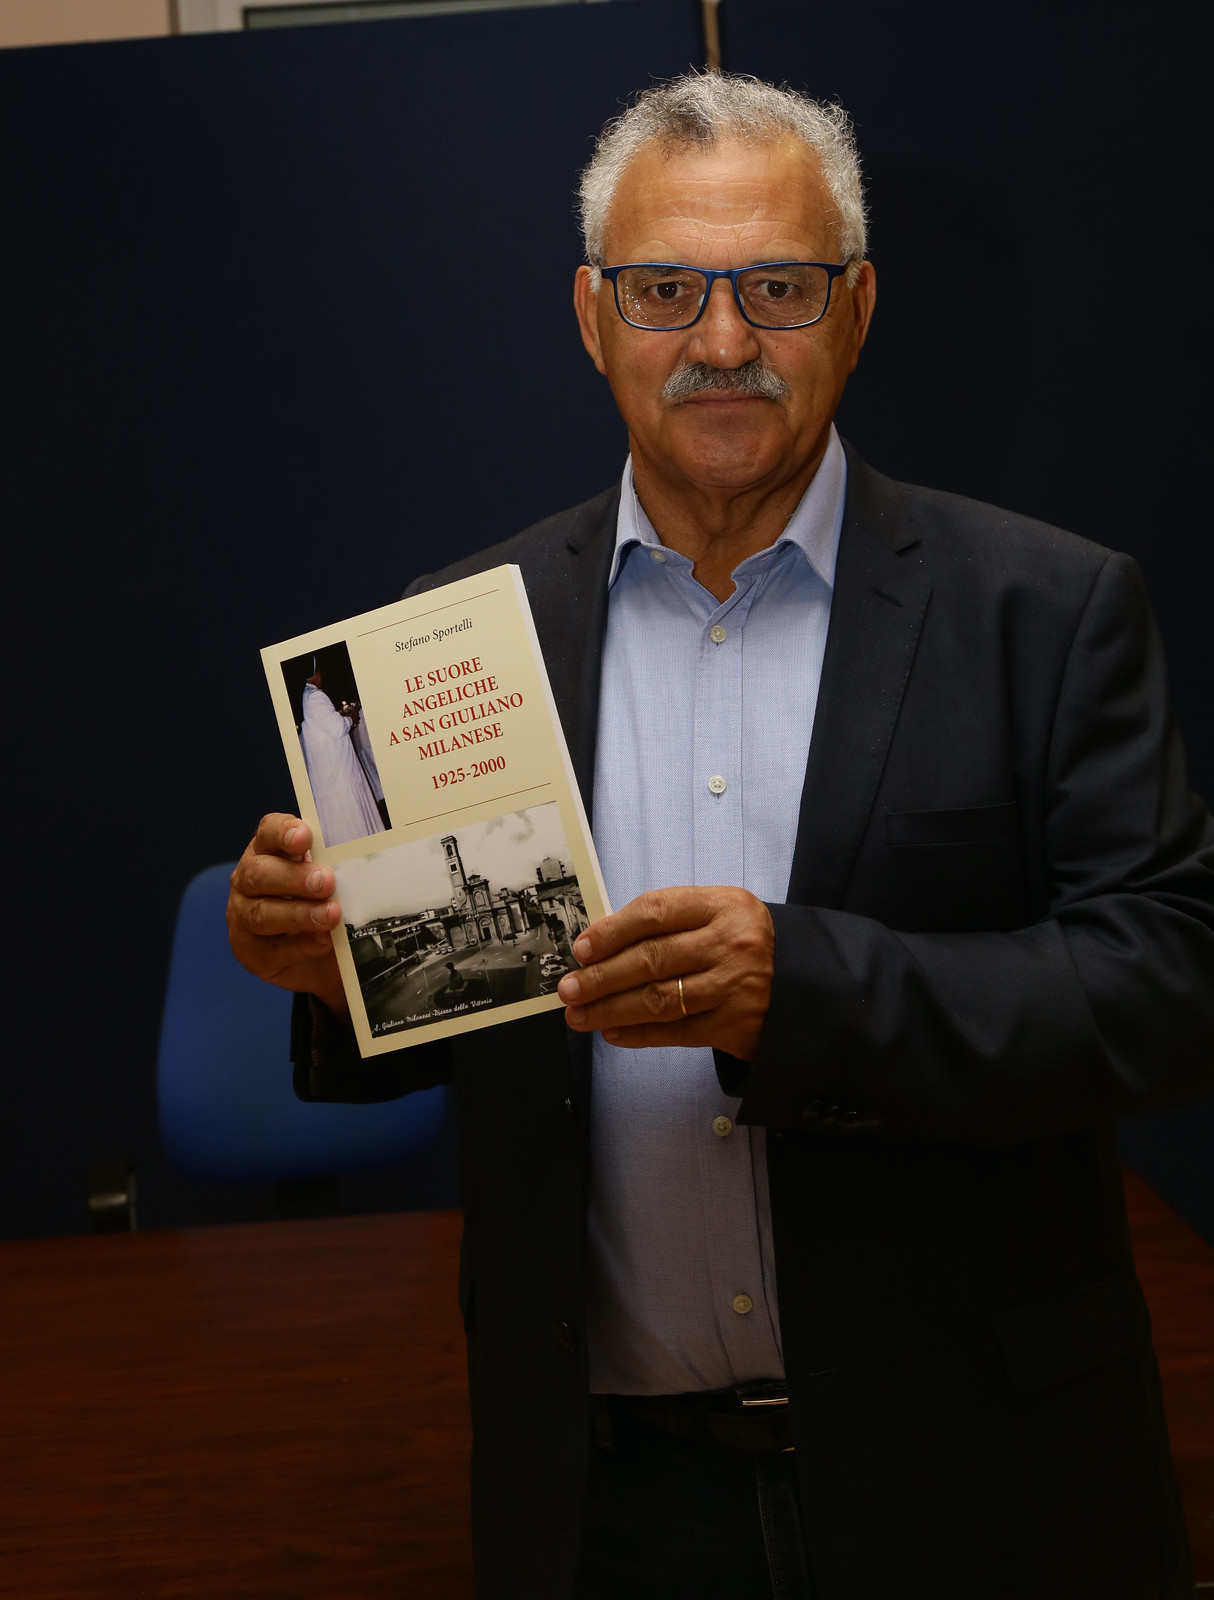 Stefano Sportelli - Il libro